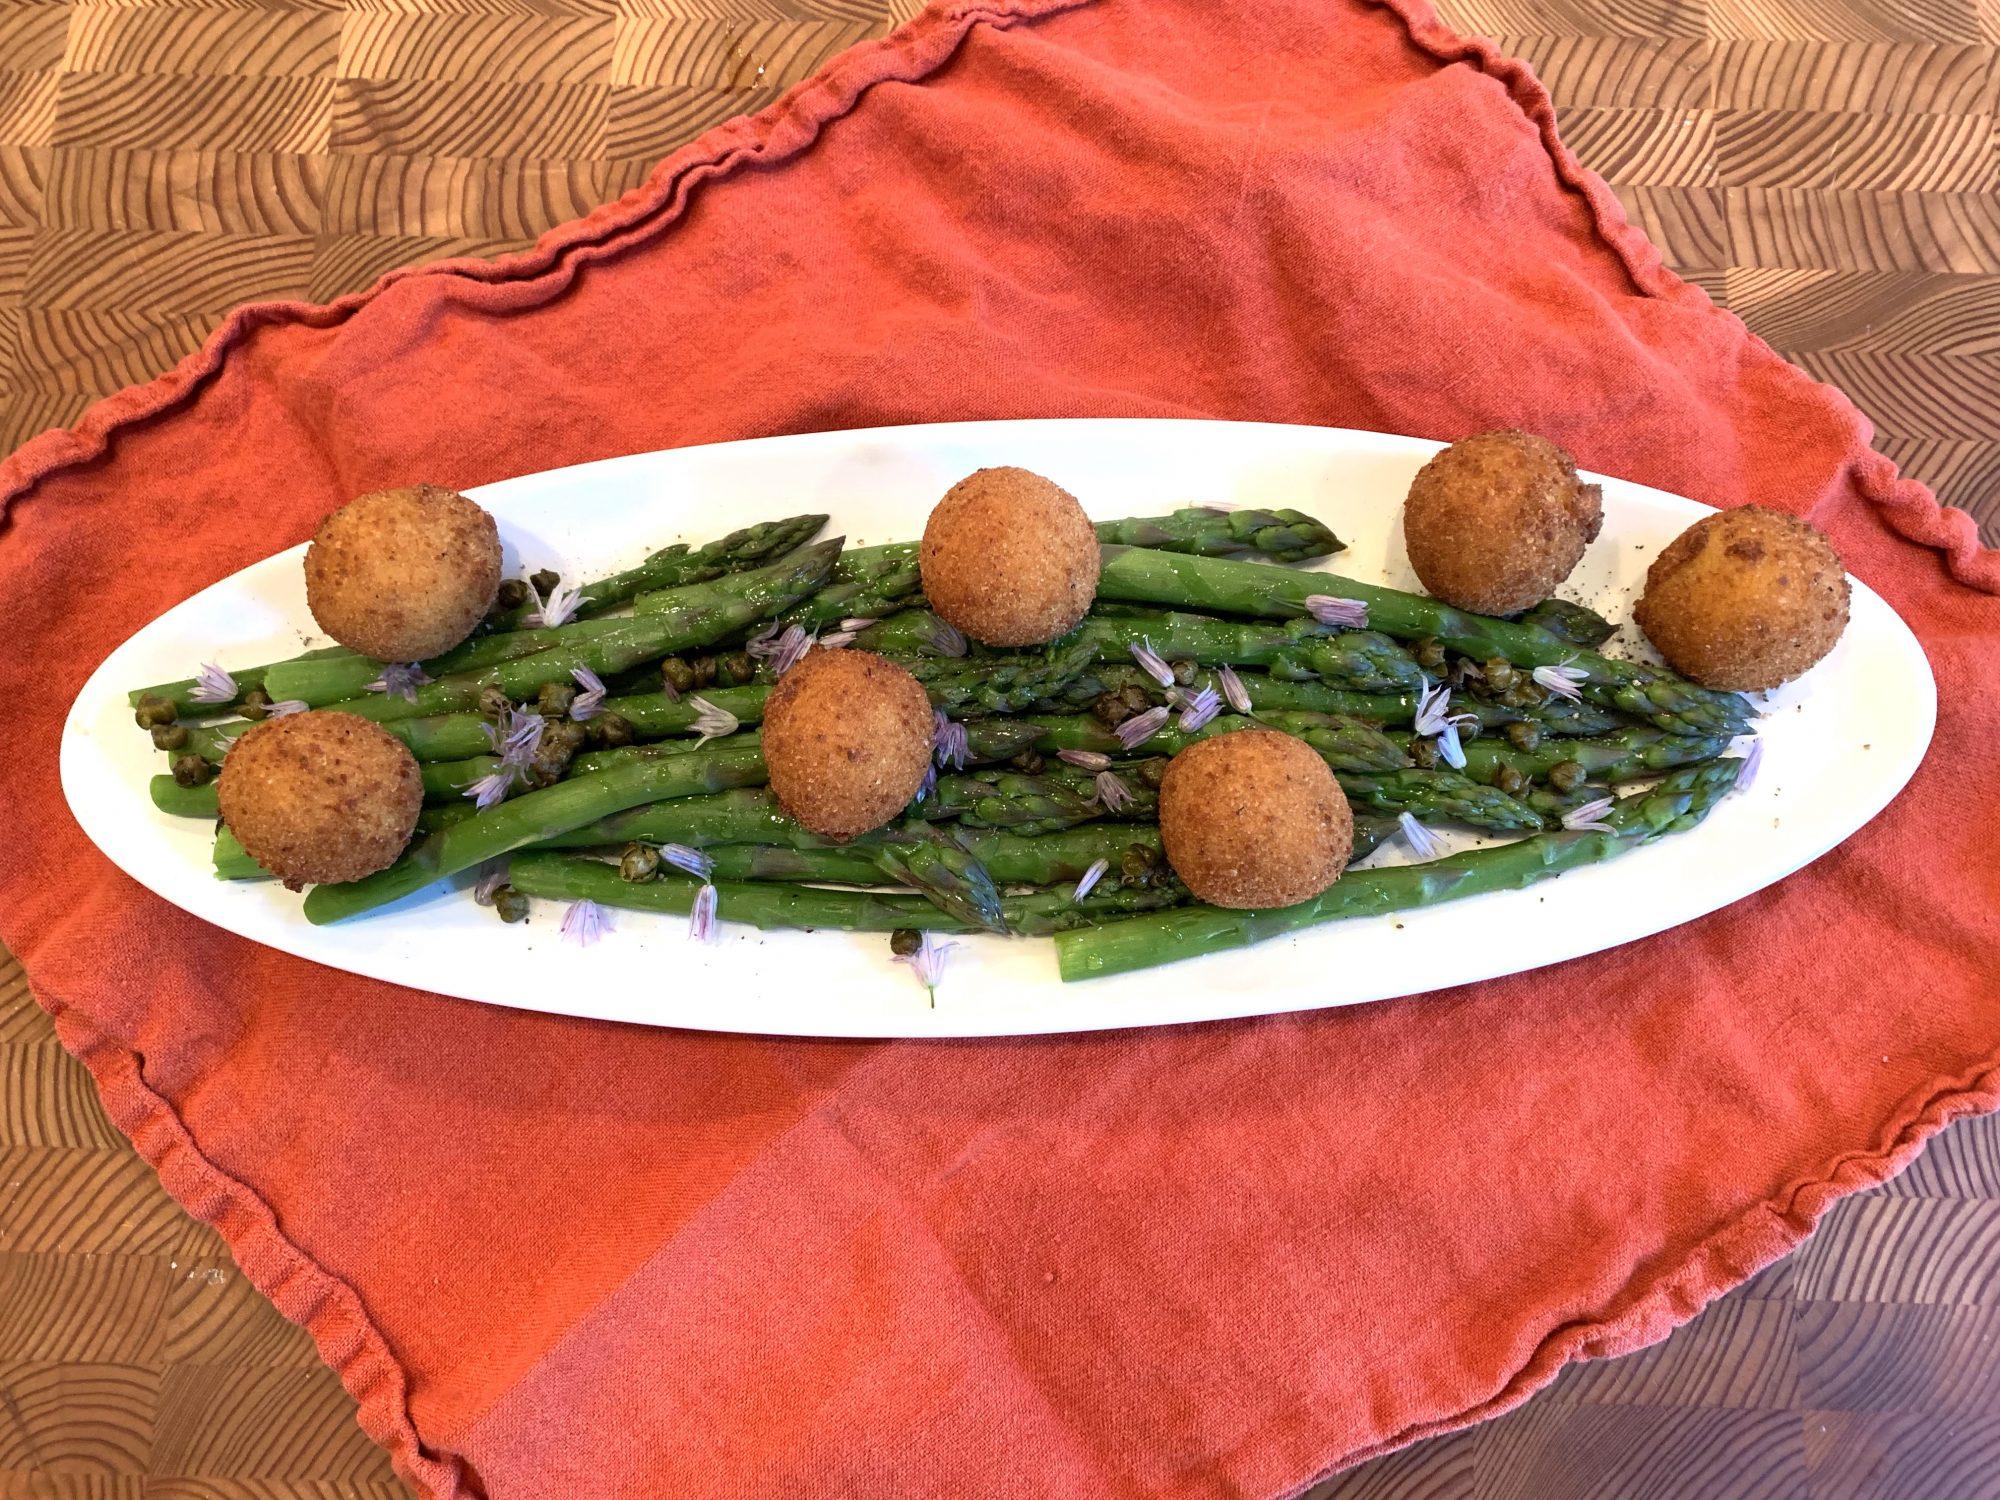 Asparagus and Fried Goat Cheese Balls: A Love Affair